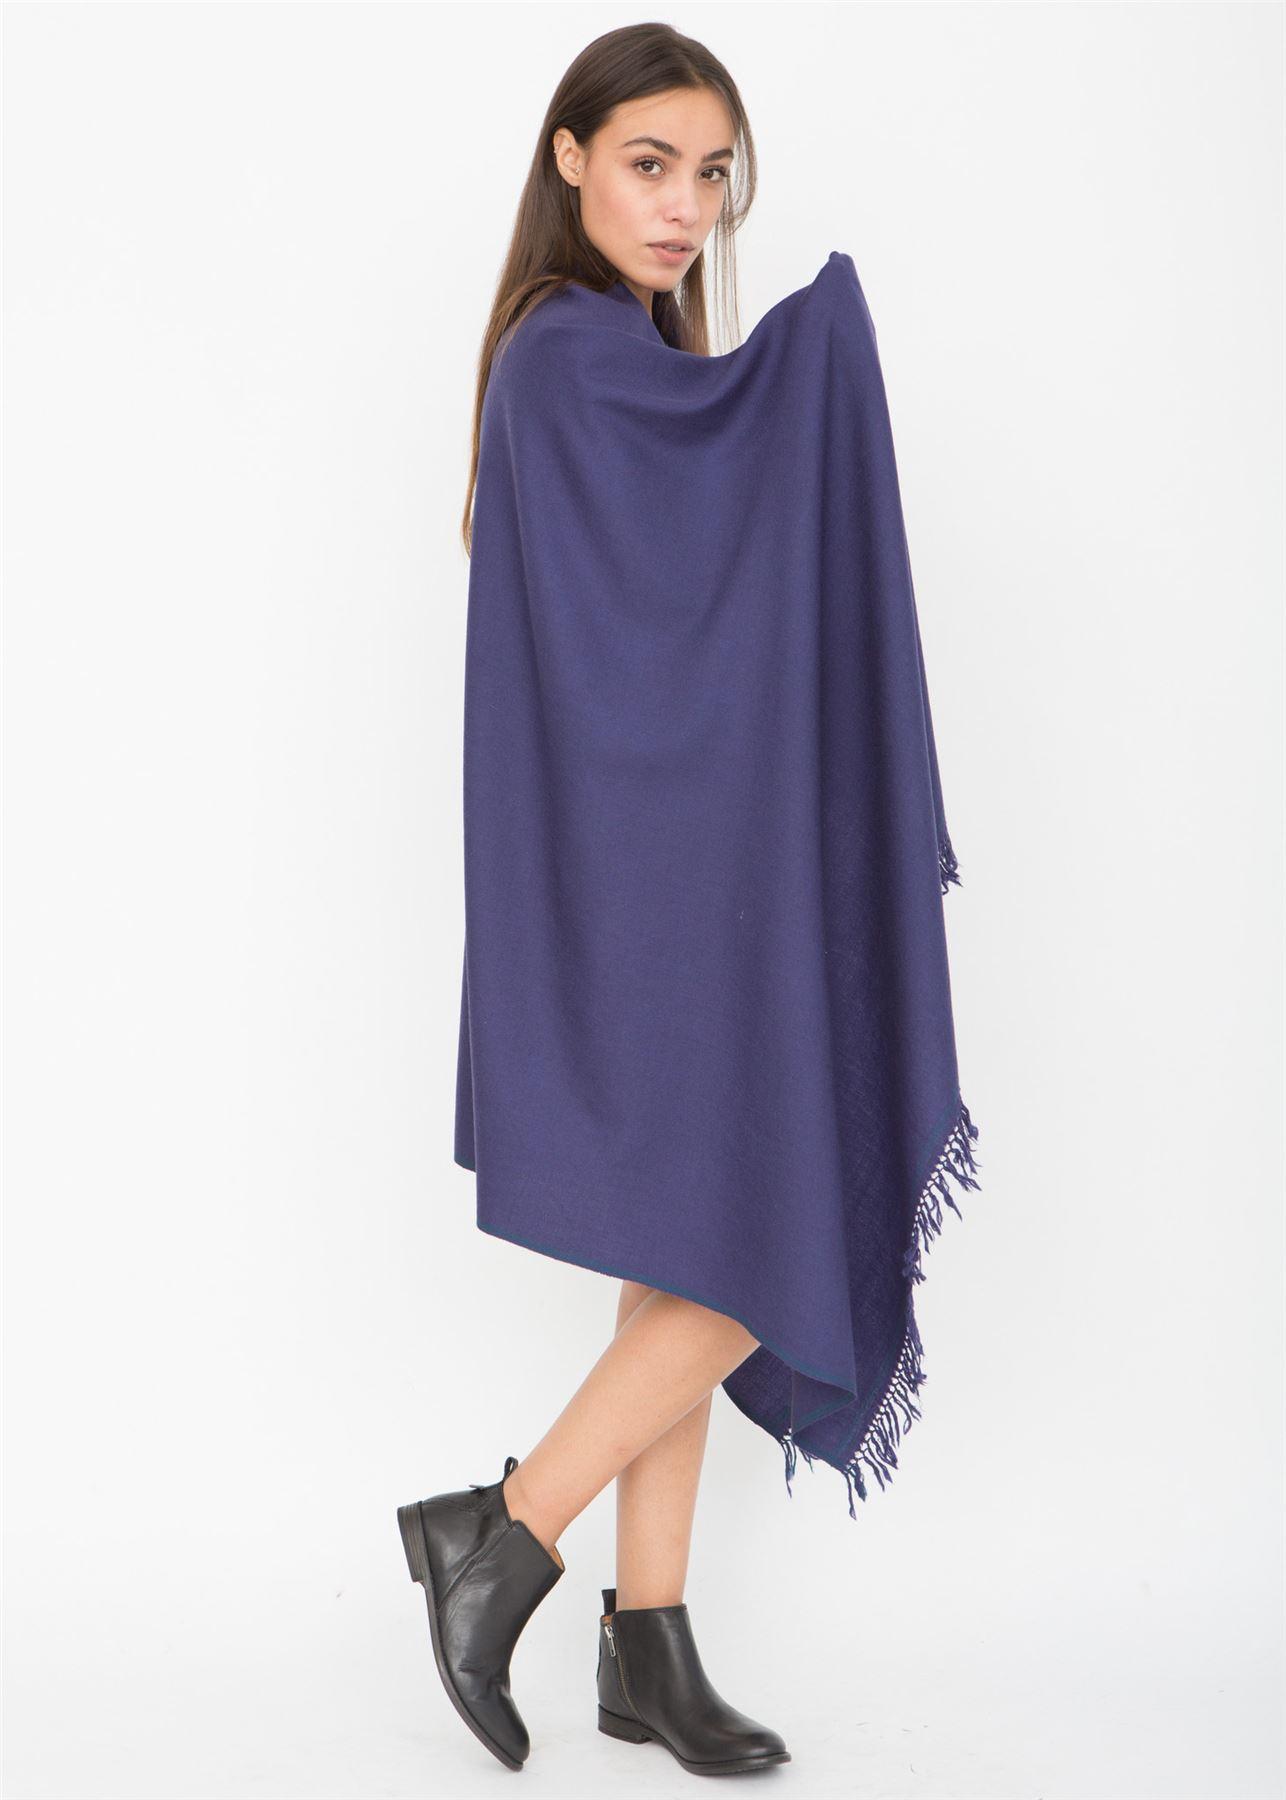 Shoreditch Merino tricoté main Pashmina et couverture écharpe encre ... a9574320f71